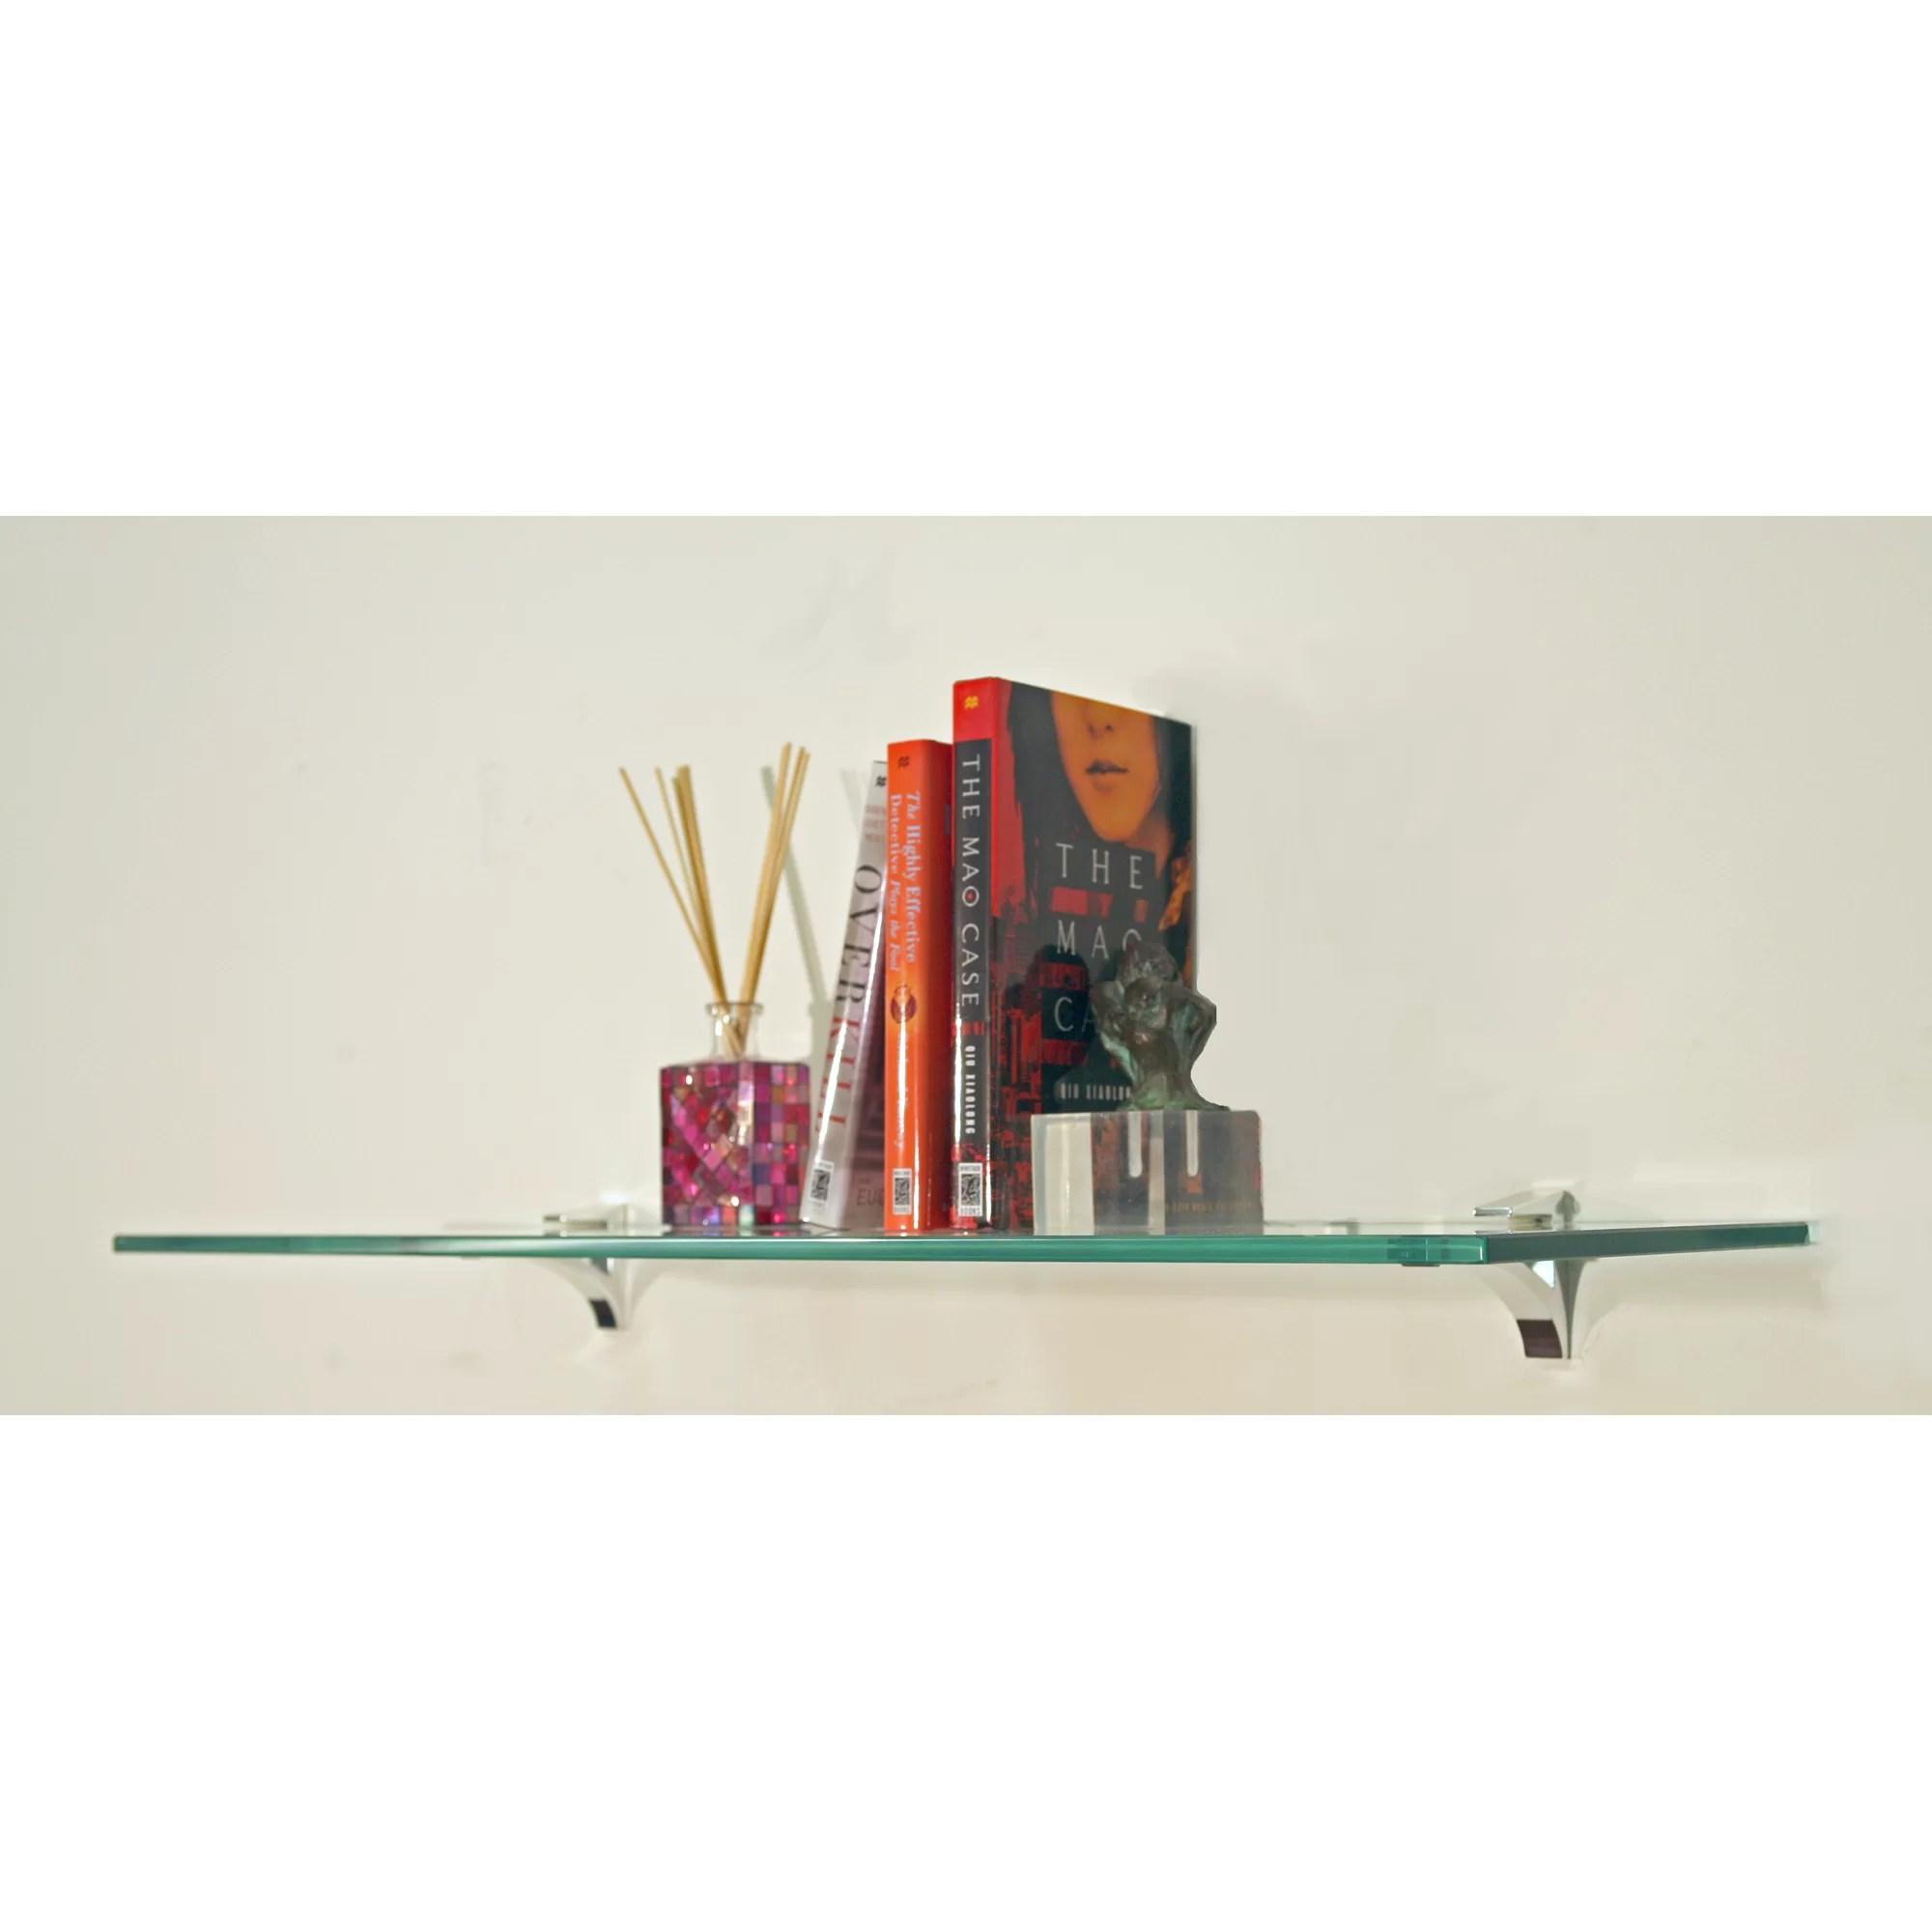 Spancraft Glass Floating Glass Bathroom Shelf  Reviews